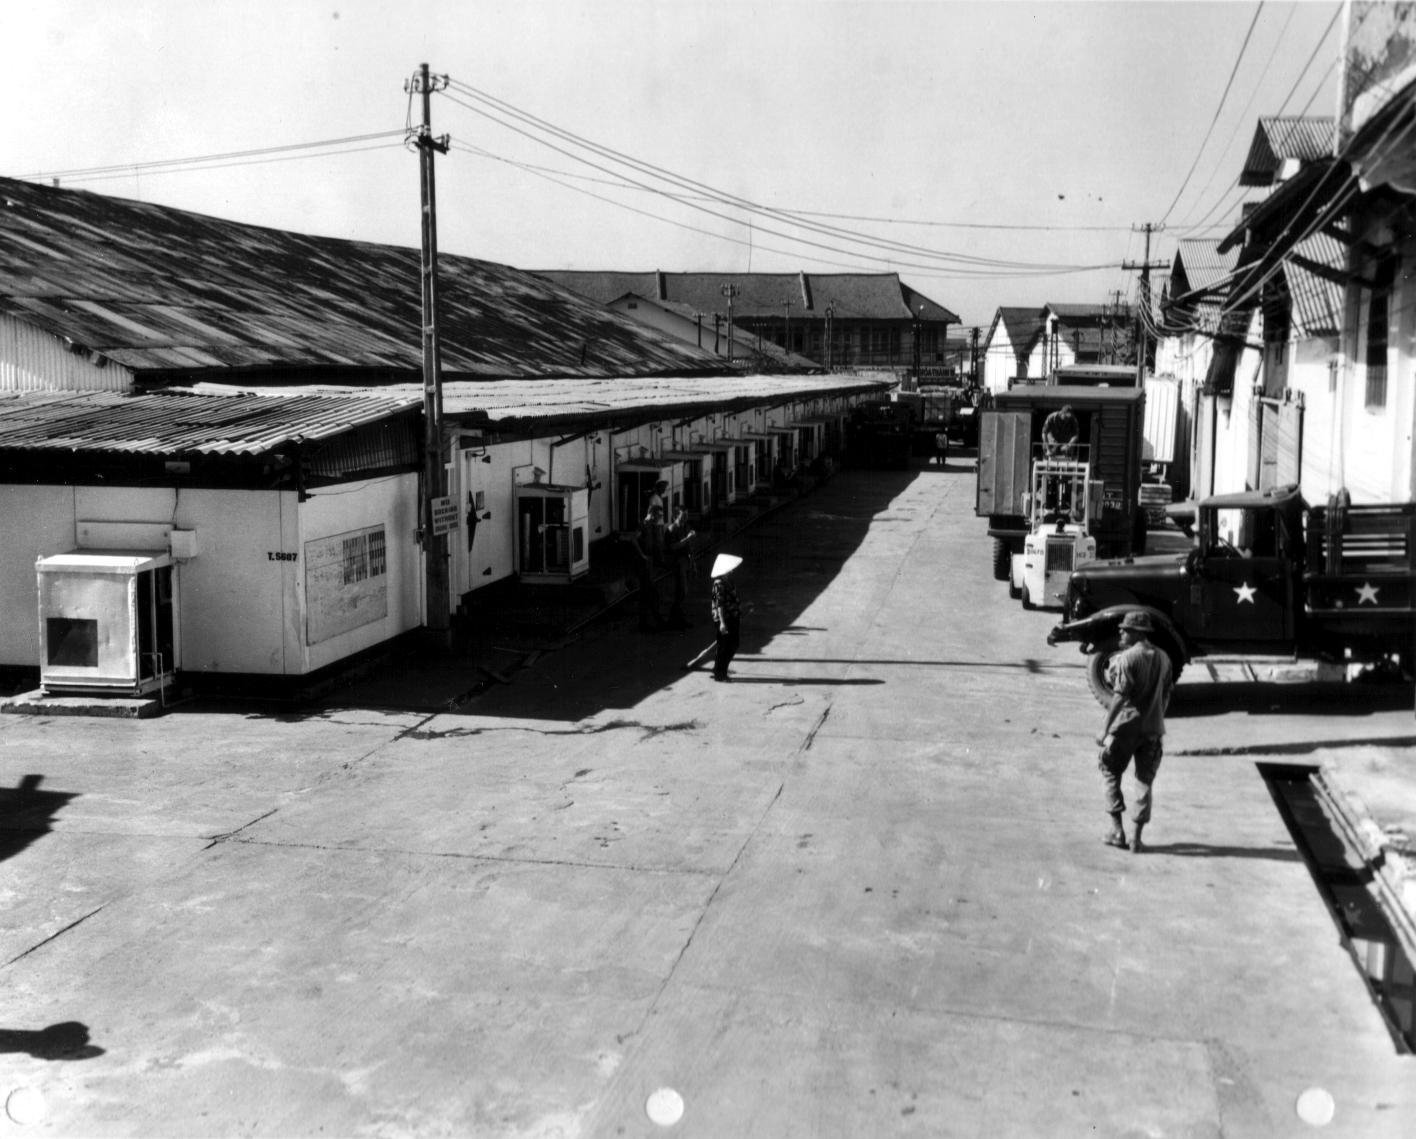 Kho hàng và container lạnh ở Sài Gòn của quân đội Mỹ